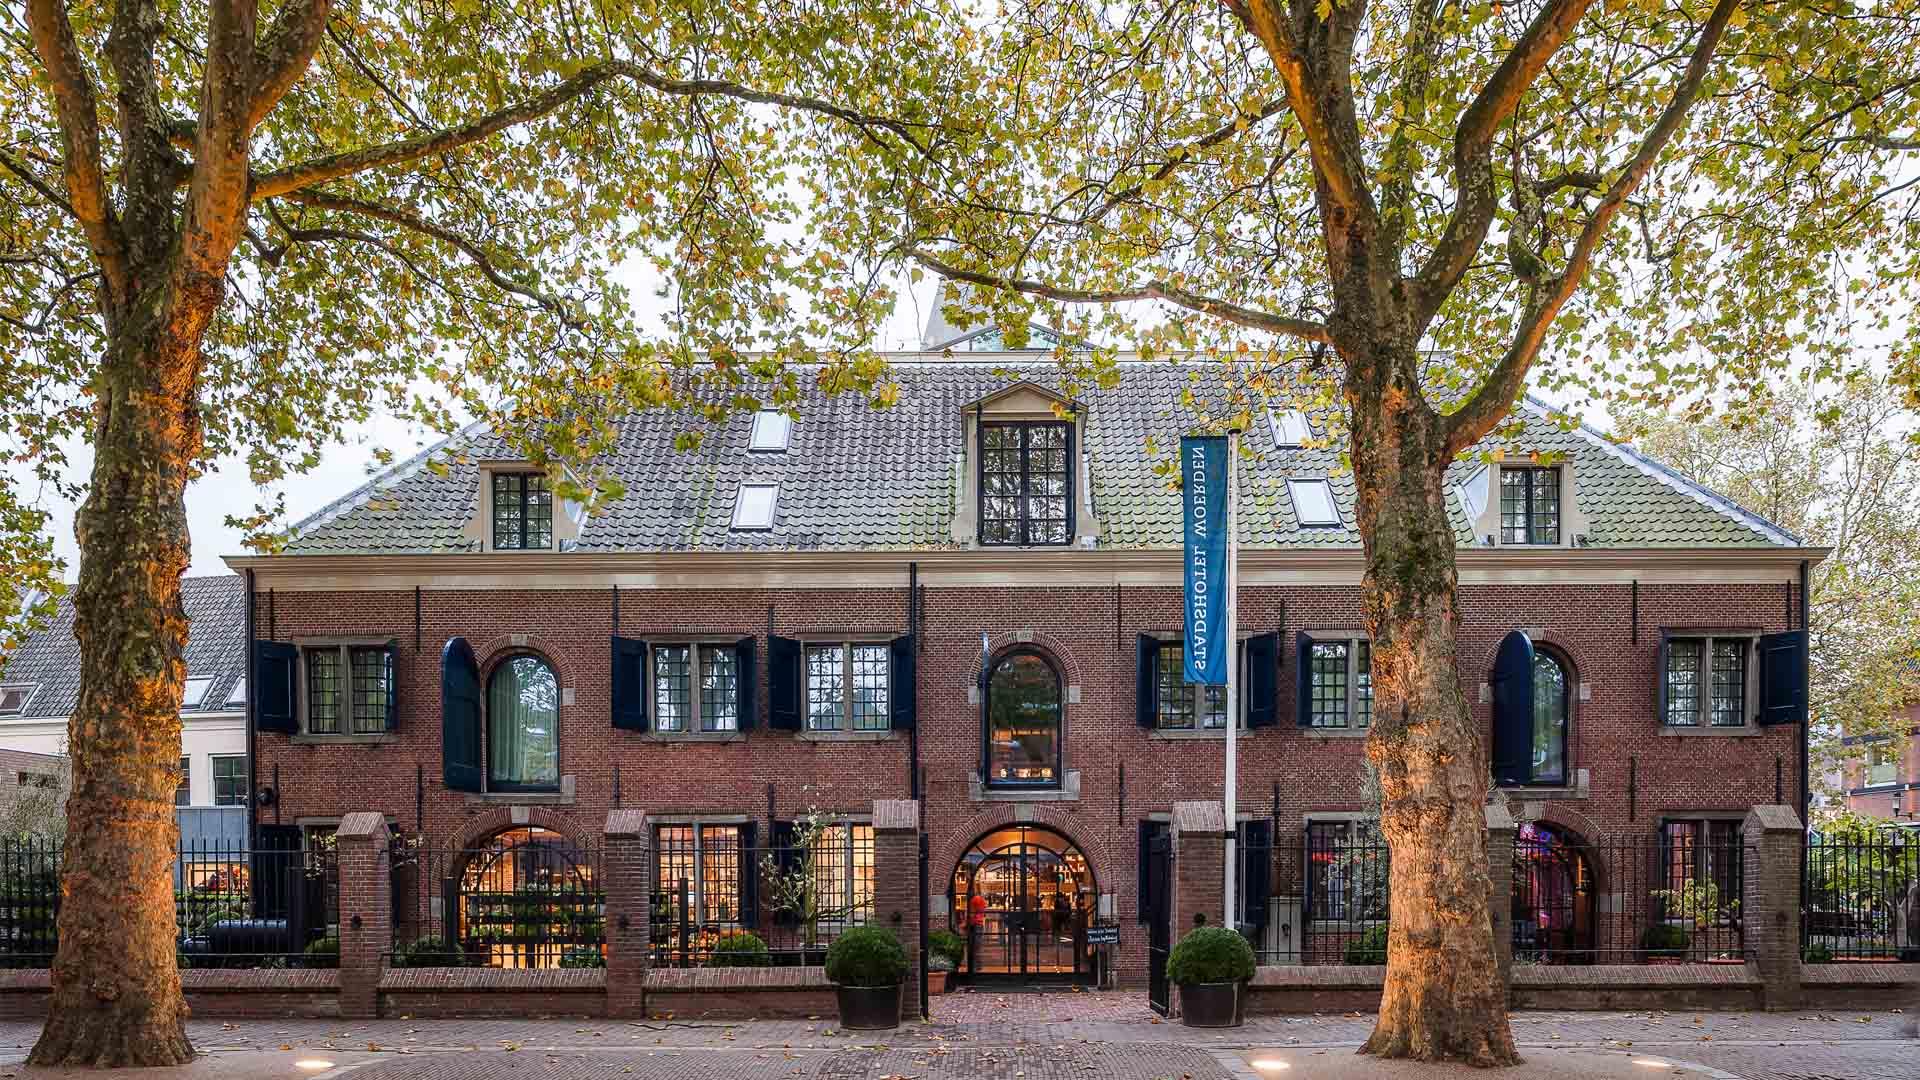 MHBSL30 - Het Arsenaal, Woerden, Nederland - 4